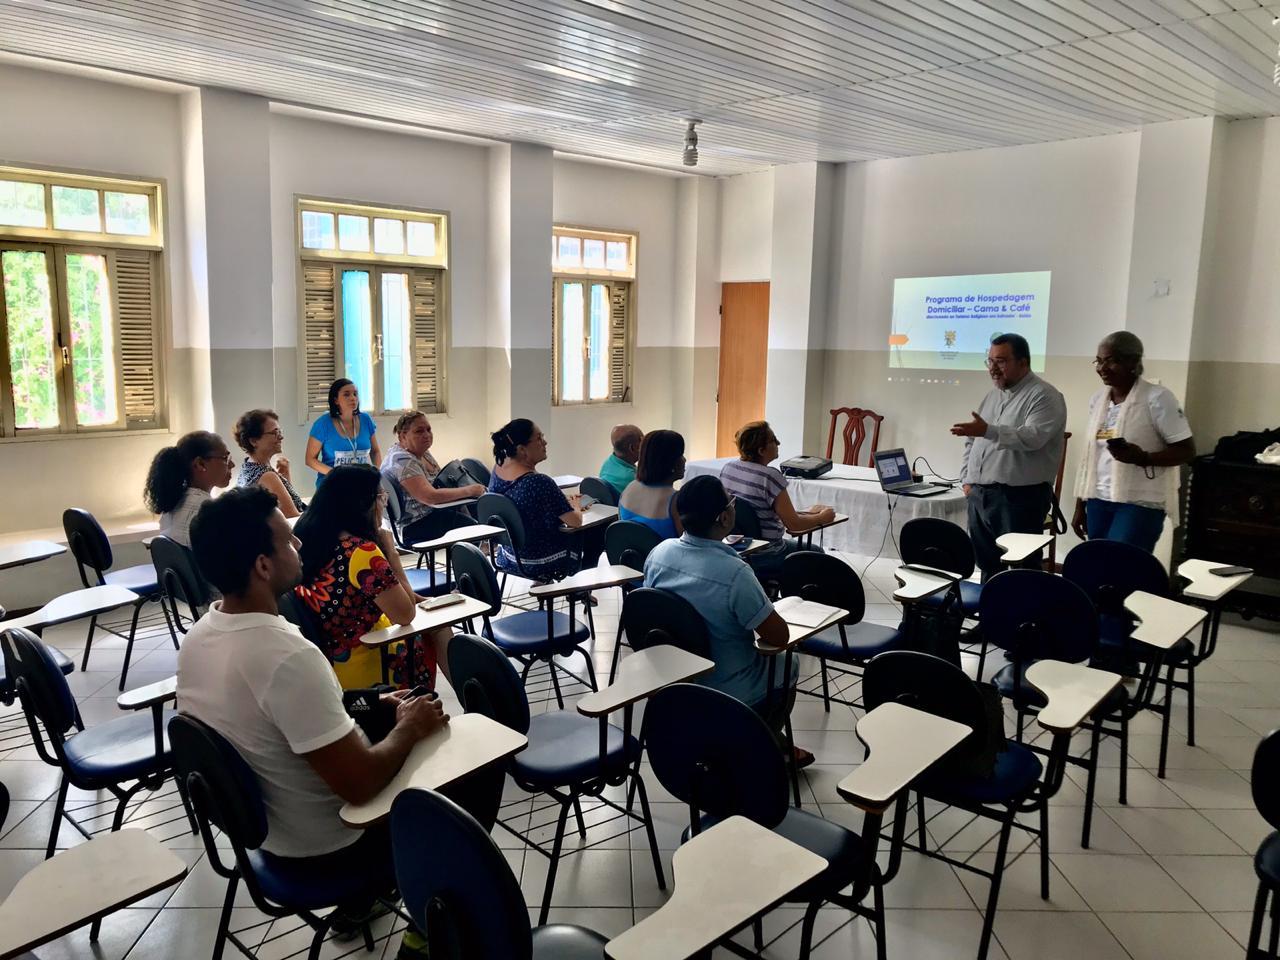 Pastur inicia capacitação para hospedagem domiciliar no Roteiro Caridade e Fé em Salvador